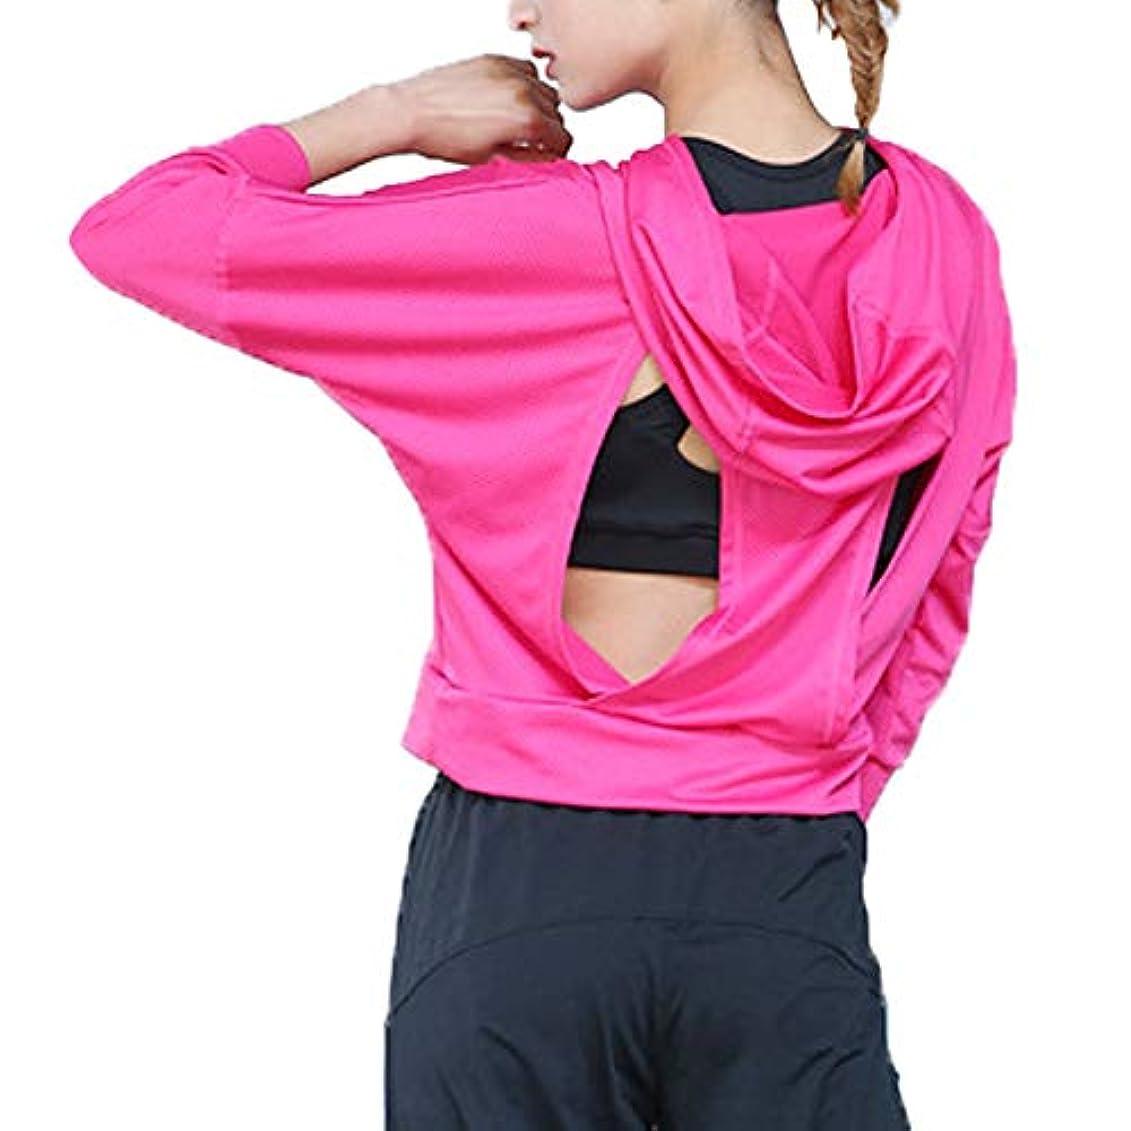 判定偽物小麦[ココチエ] スポーツウェア レディース 長袖 tシャツ 吸汗速乾 ゆったり トップス フード ヨガ ランニング ダンス ピンク ブラック グレー イエロー